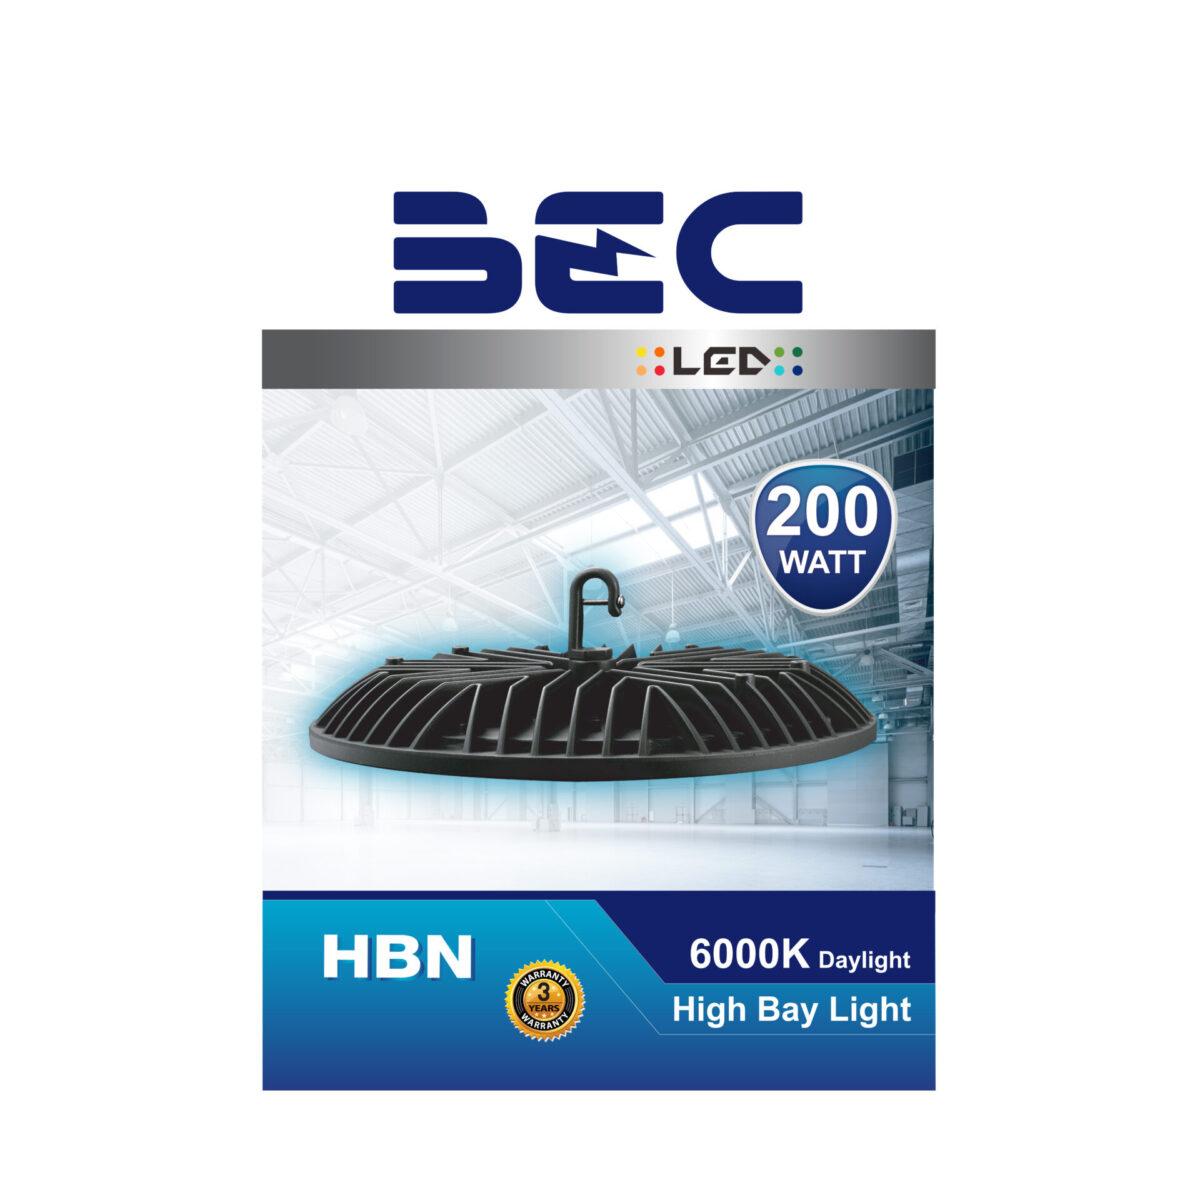 โคมไฟฟลัดไลท์ LED รุ่น Zonic Slim